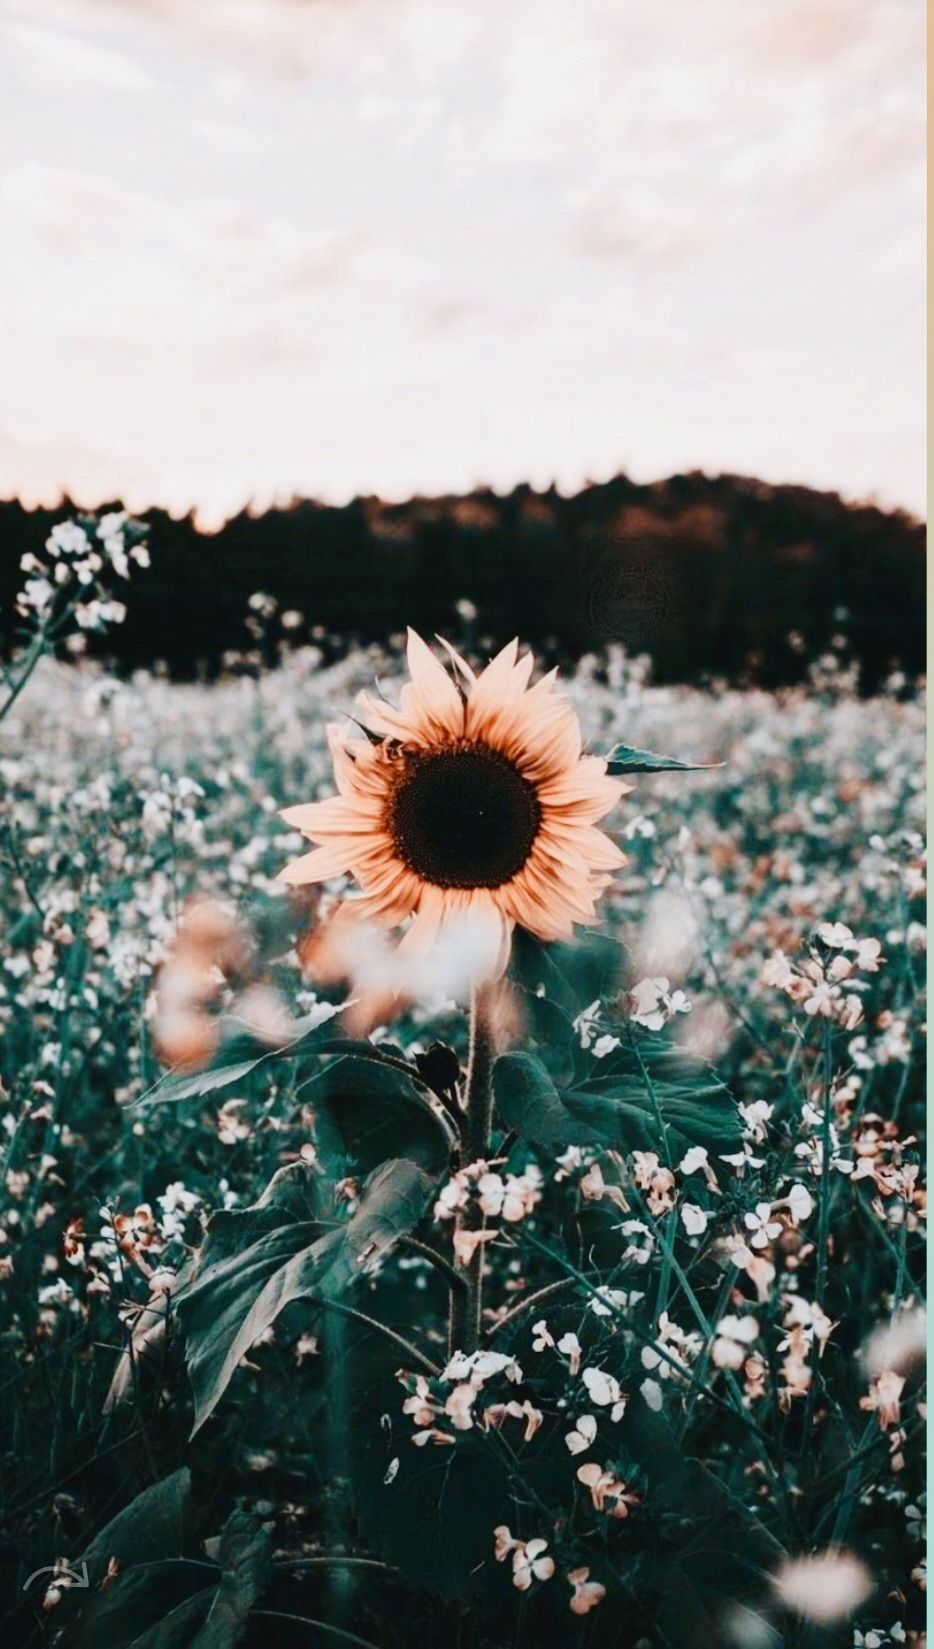 You Re My Sunflower Sunflower Wallpaper Flower Iphone Wallpaper Cute Wallpaper Backgrounds